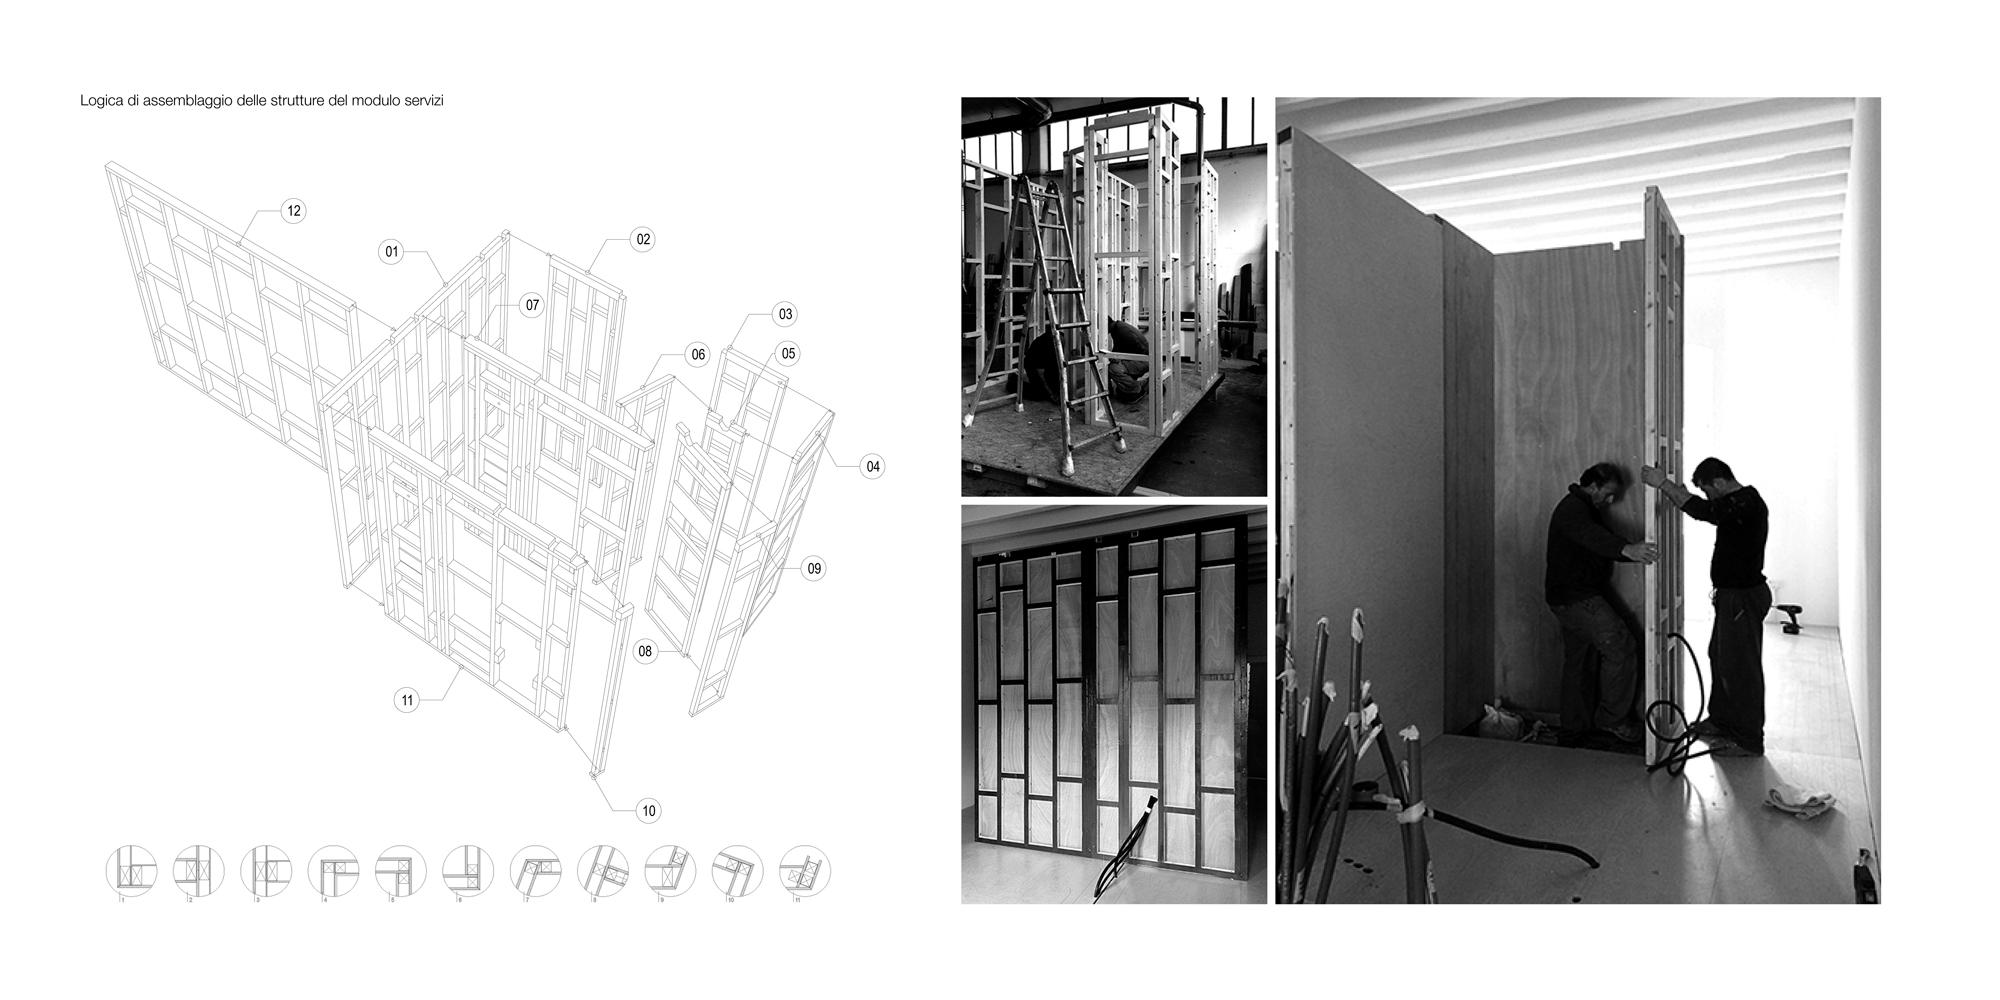 Dettaglio di assemblaggio delle strutture del modulo servizi anch'esse pre-assemblate in officina. }